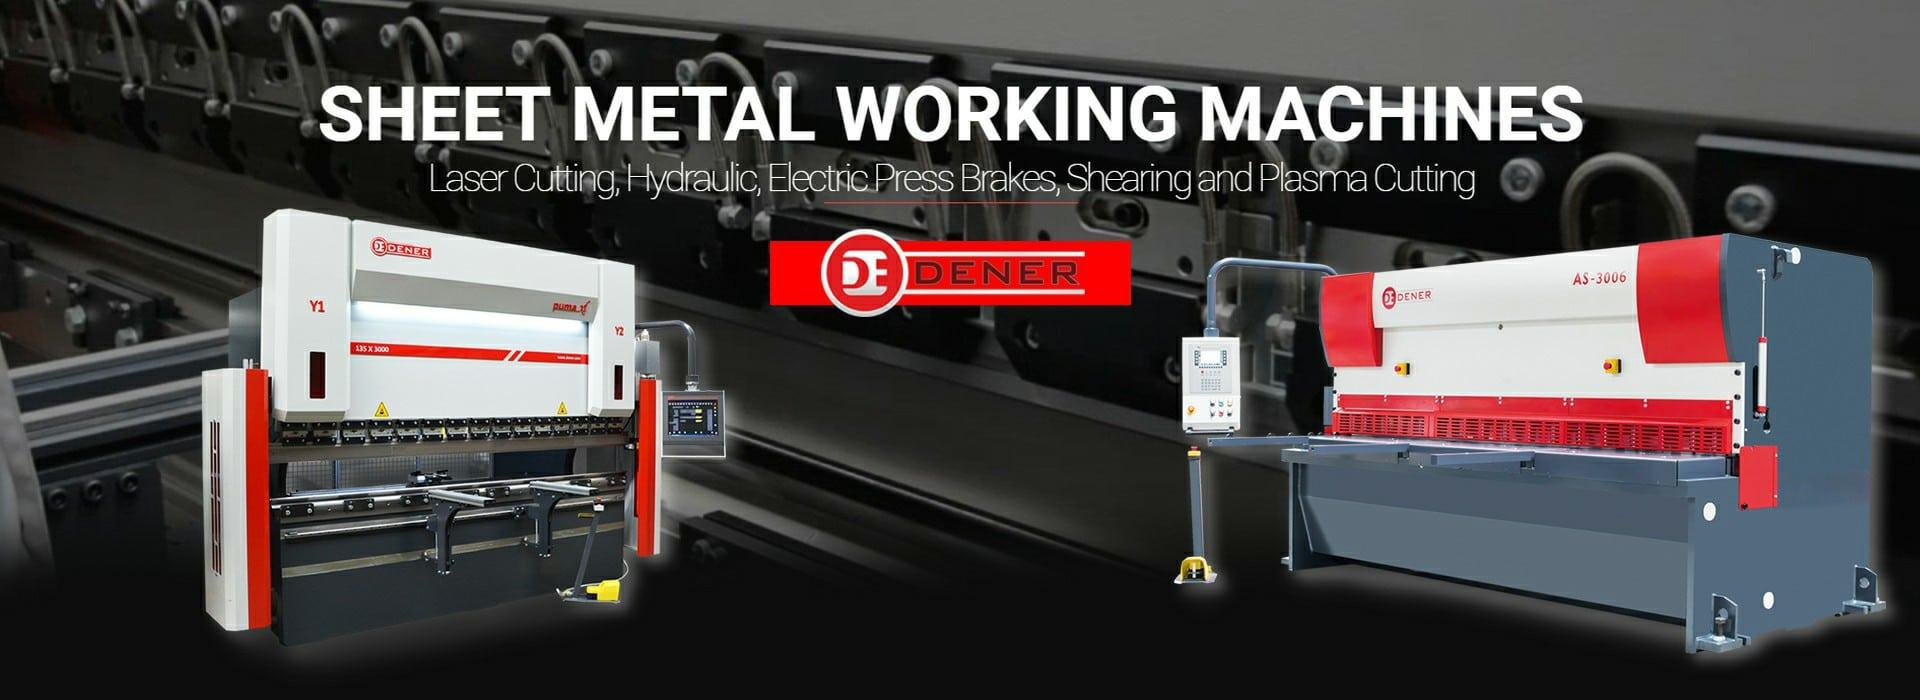 sheet-metal-working